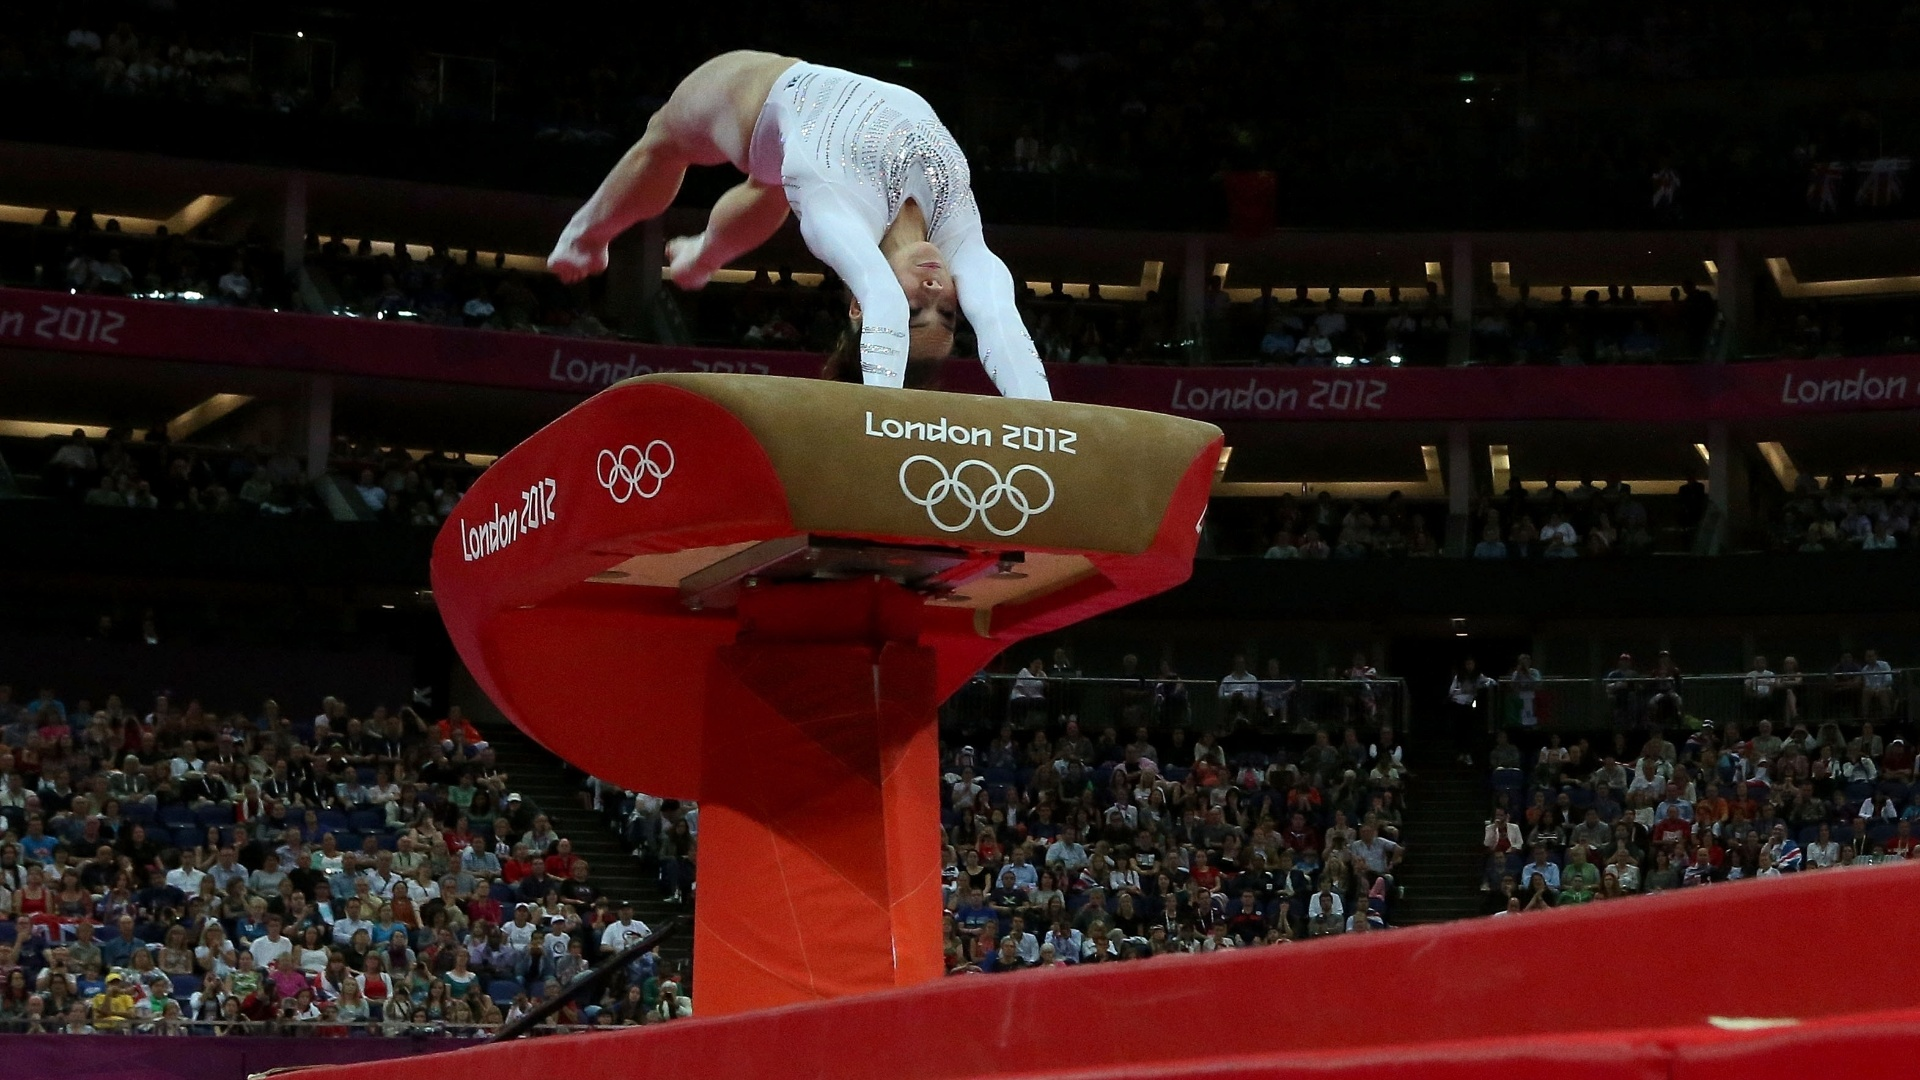 Norte-americana McKayla Maroney 'ataca' a mesa durante uma de suas tentativas de voo na final de salto deste domingo em Londres